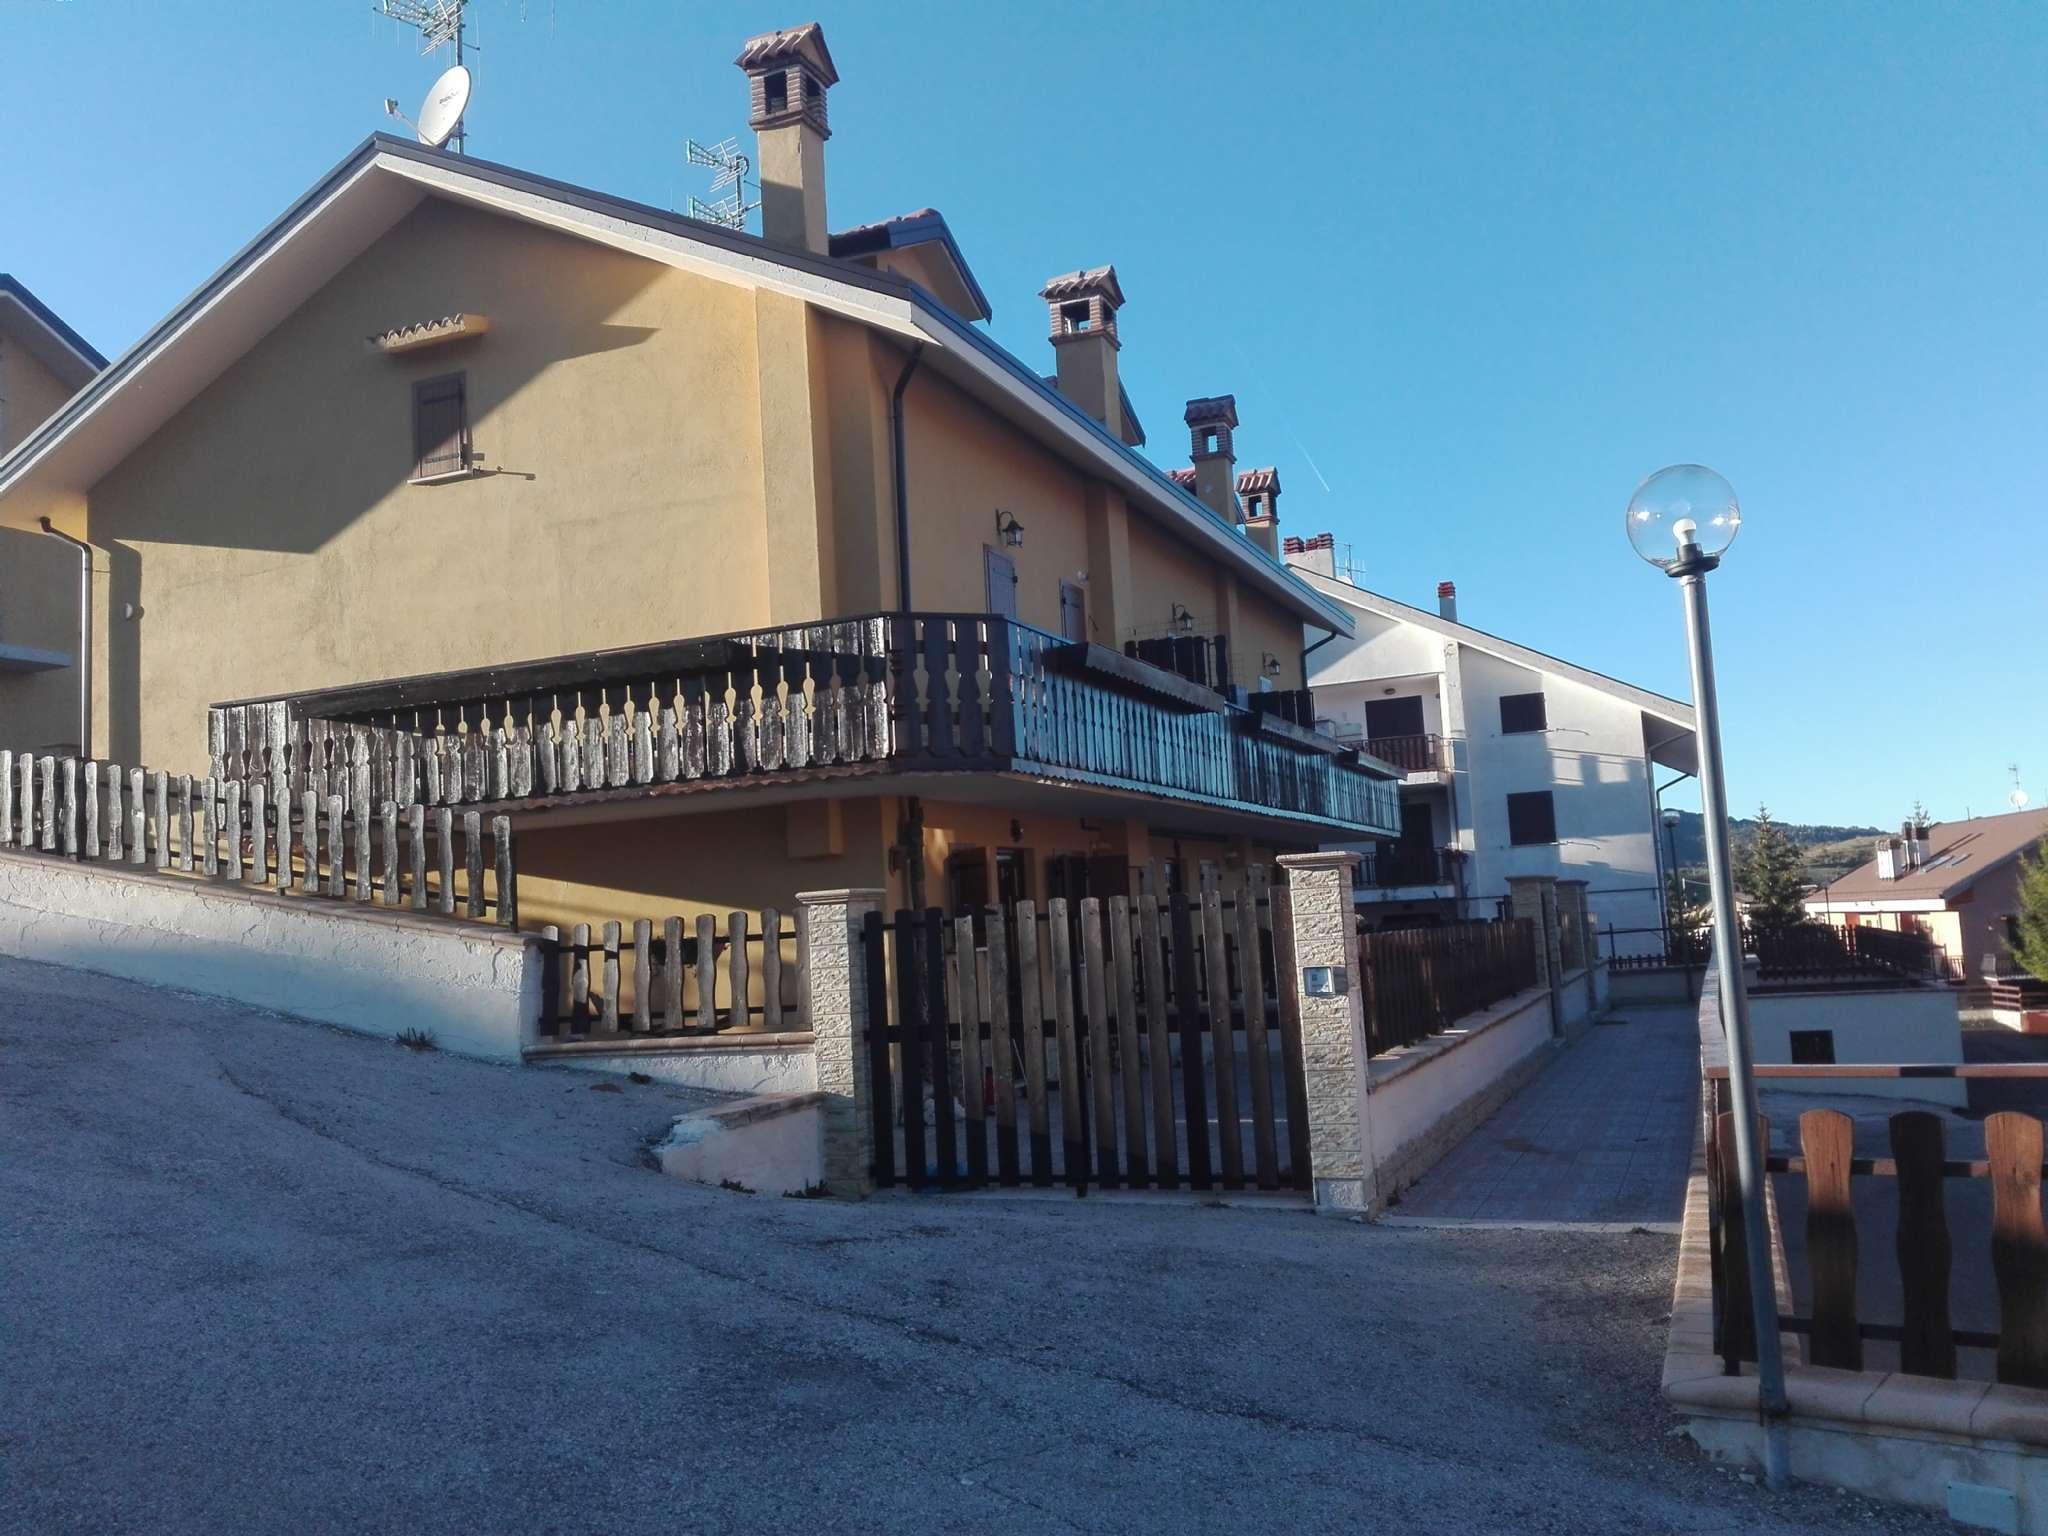 Appartamento in vendita a Ovindoli, 3 locali, prezzo € 115.000 | CambioCasa.it